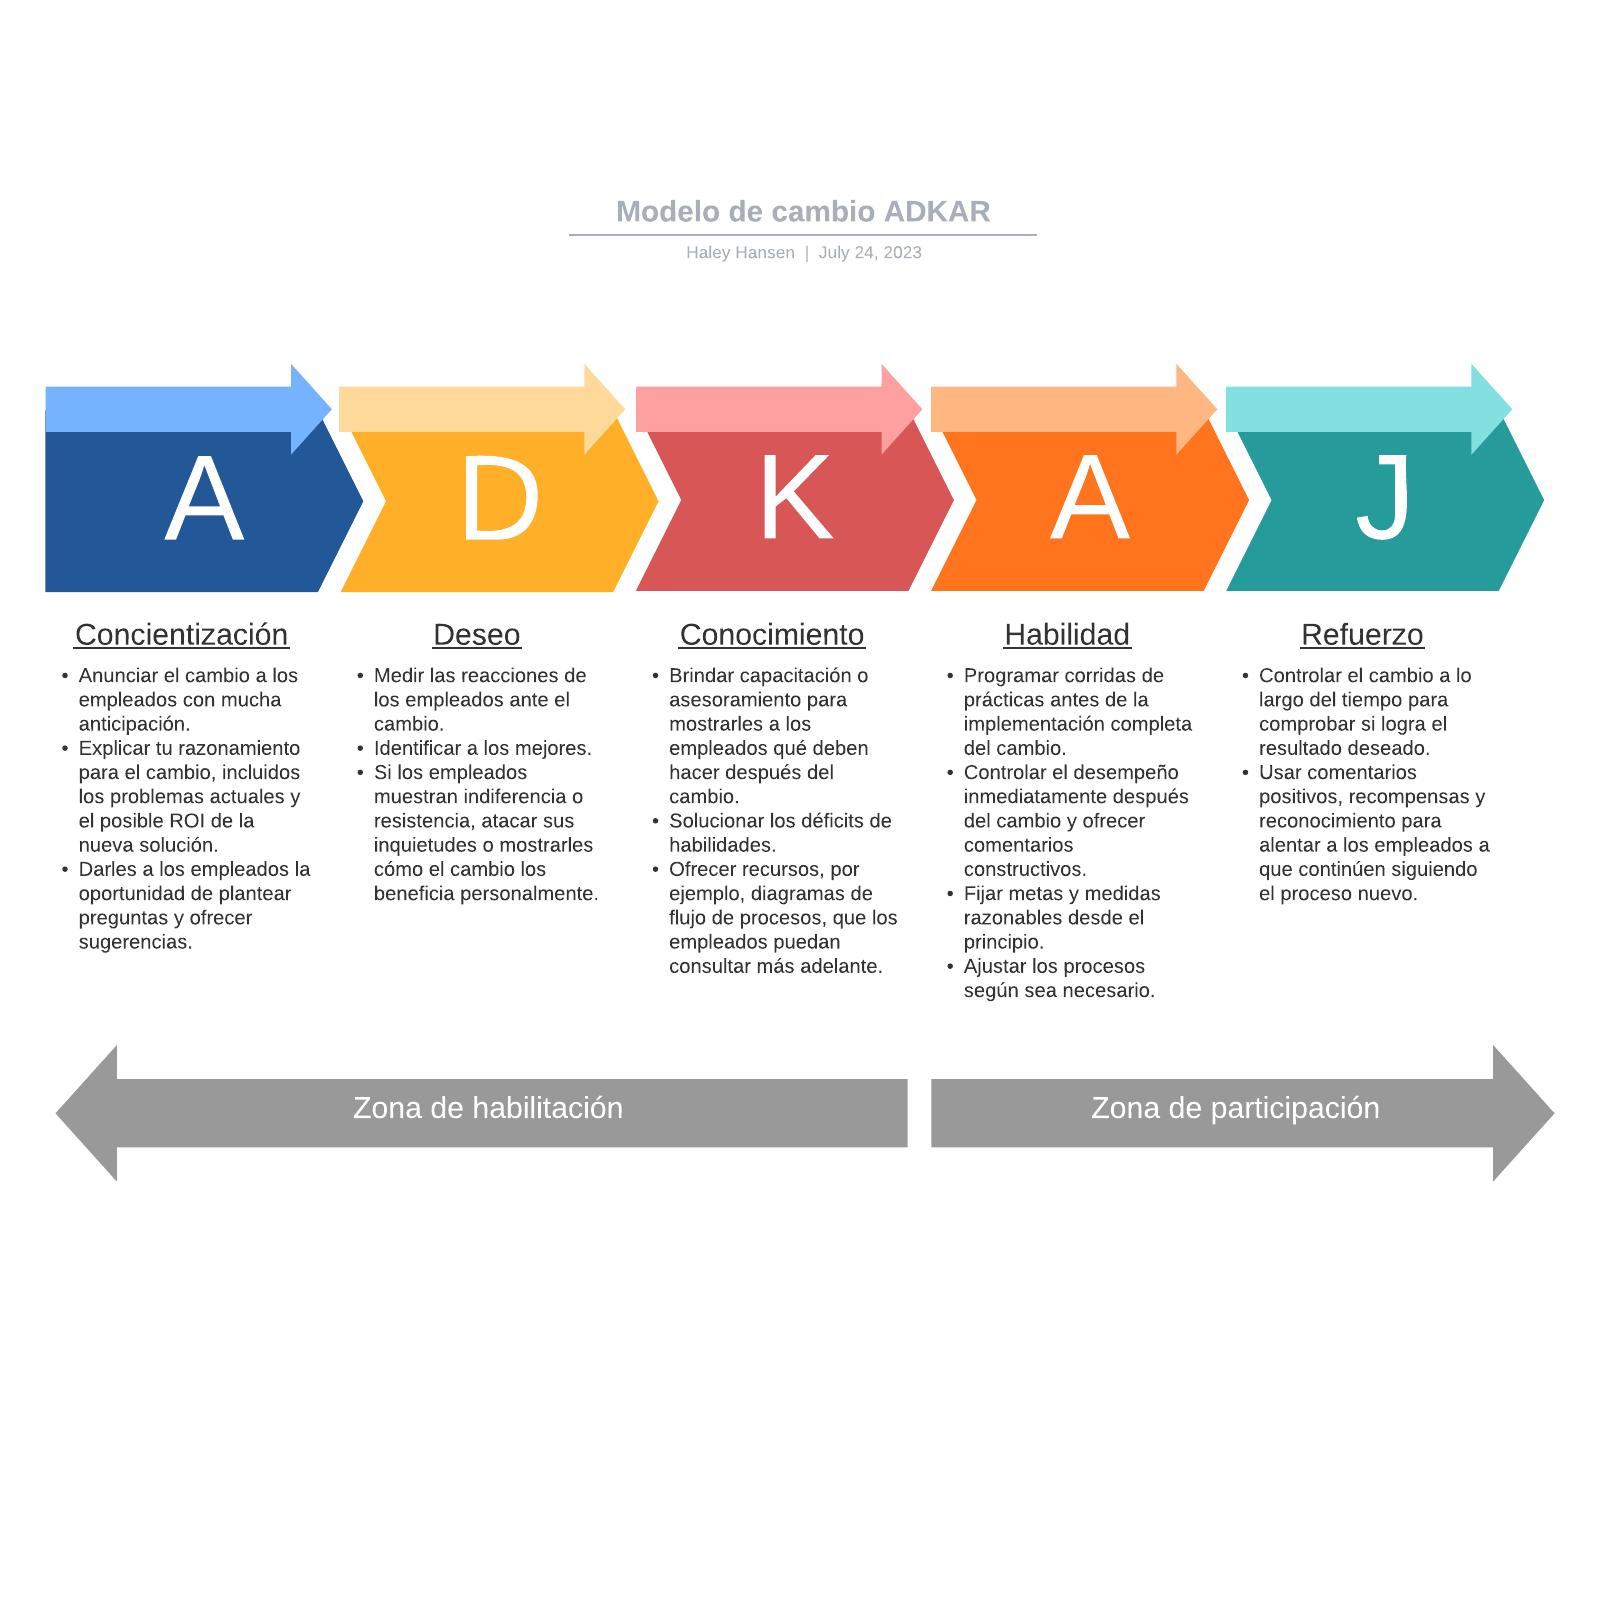 Modelo de cambio ADKAR